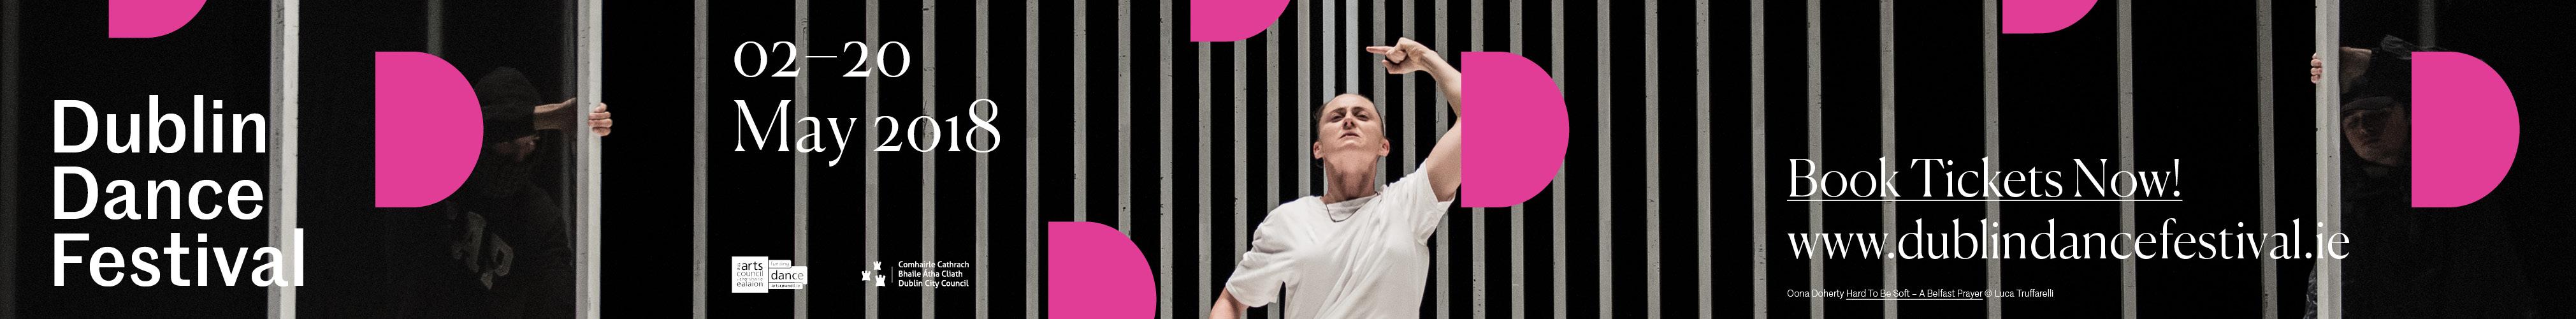 Dublin dance festival 2018